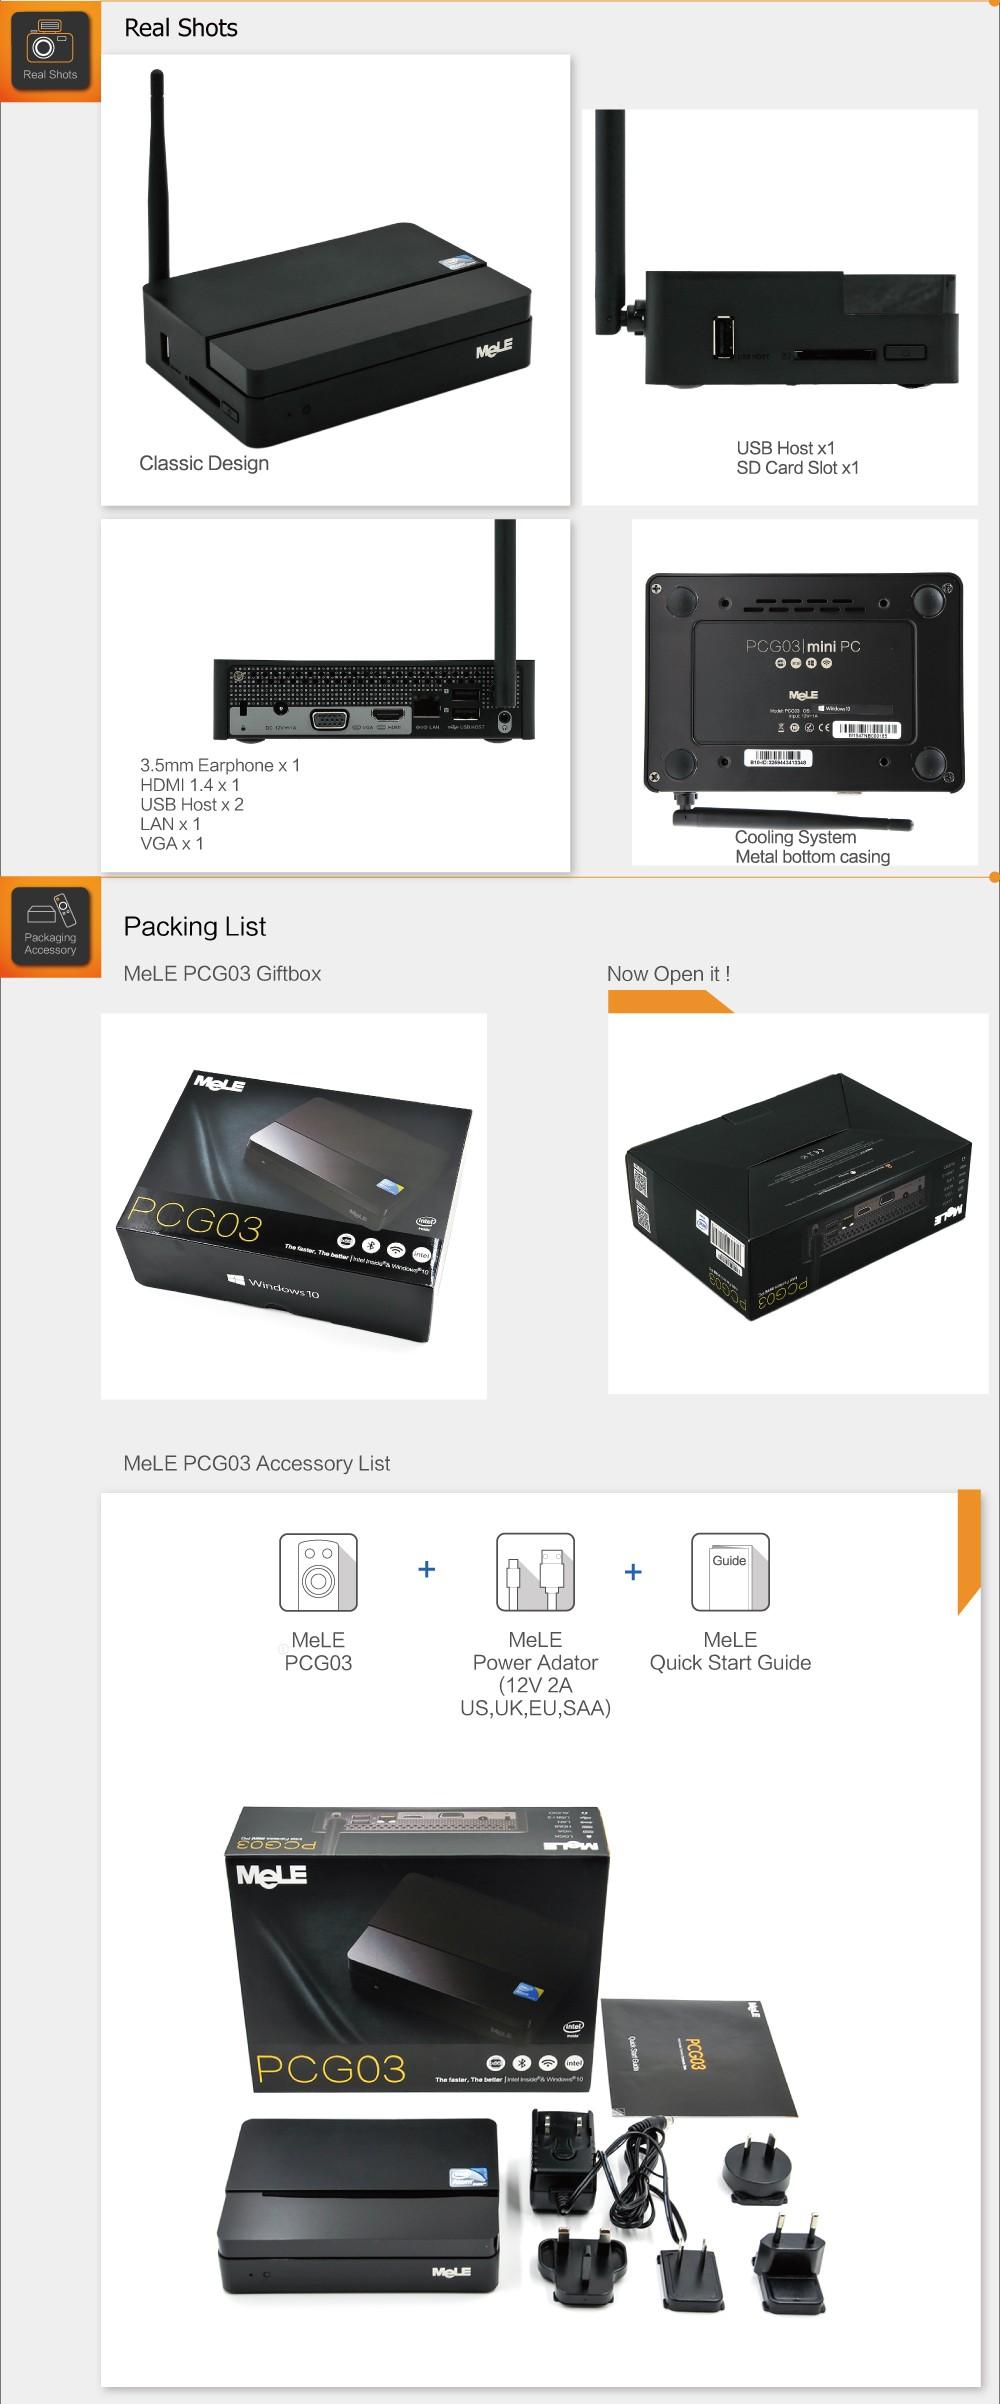 32 ГБ Меле PCG03 четырехъядерный мини-ПК Intel атом z3735f 2 Гб оперативной памяти 1080р HDMI 1.4 VGA-выход локальной сети WiFi с Bluetooth ОС Windows 8.1 с Bing